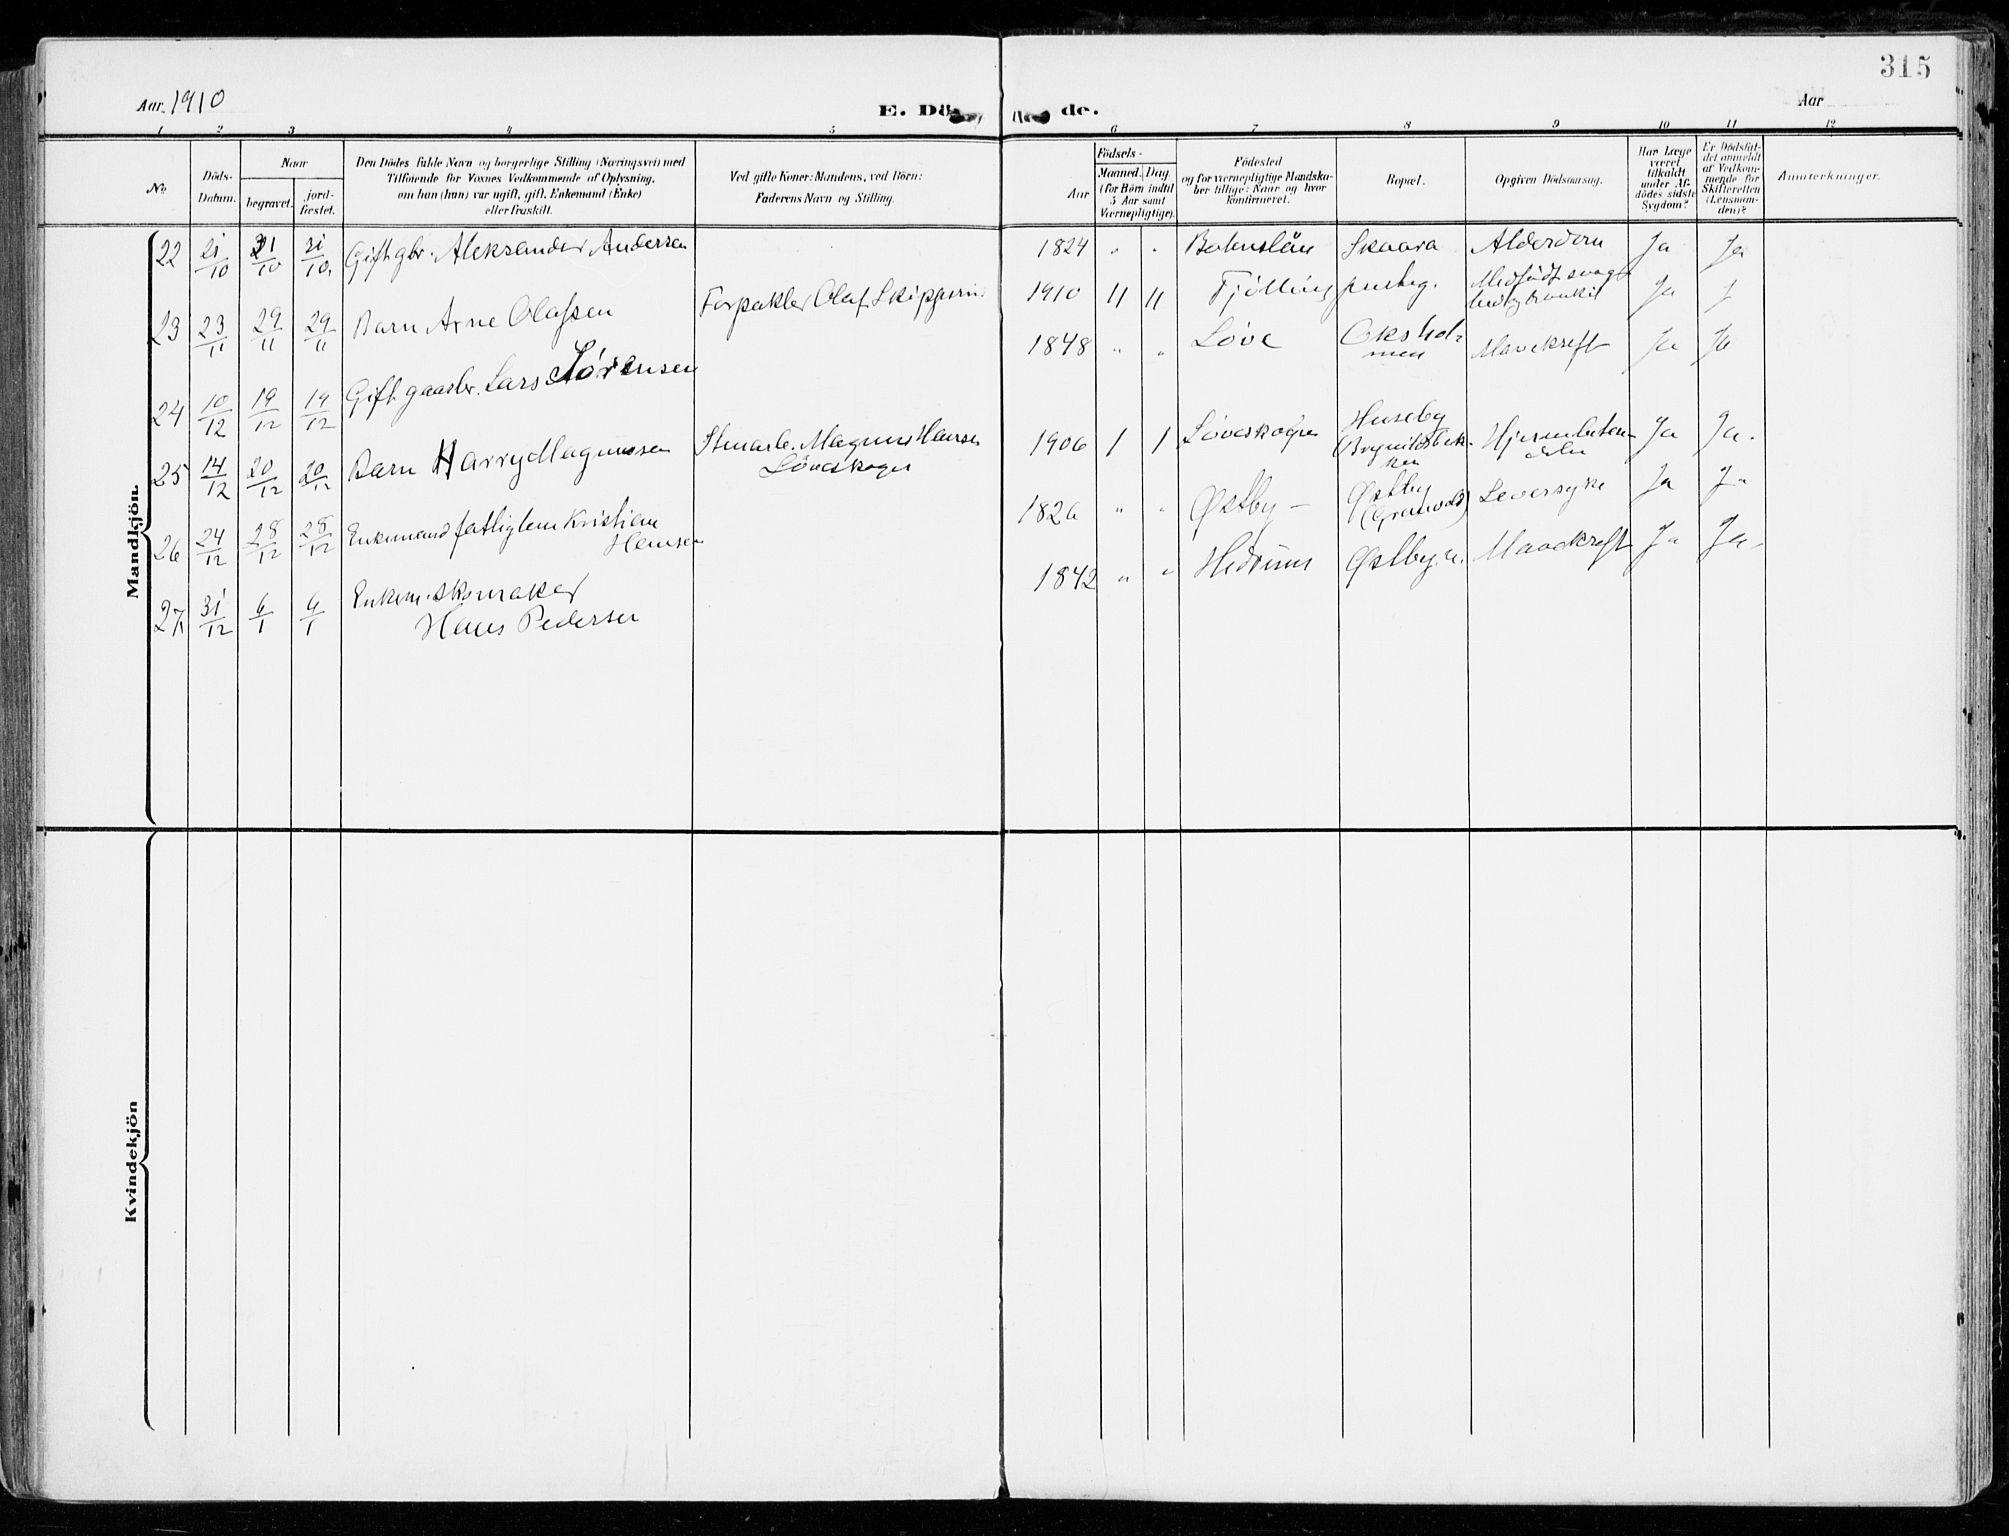 SAKO, Tjølling kirkebøker, F/Fa/L0010: Ministerialbok nr. 10, 1906-1923, s. 315